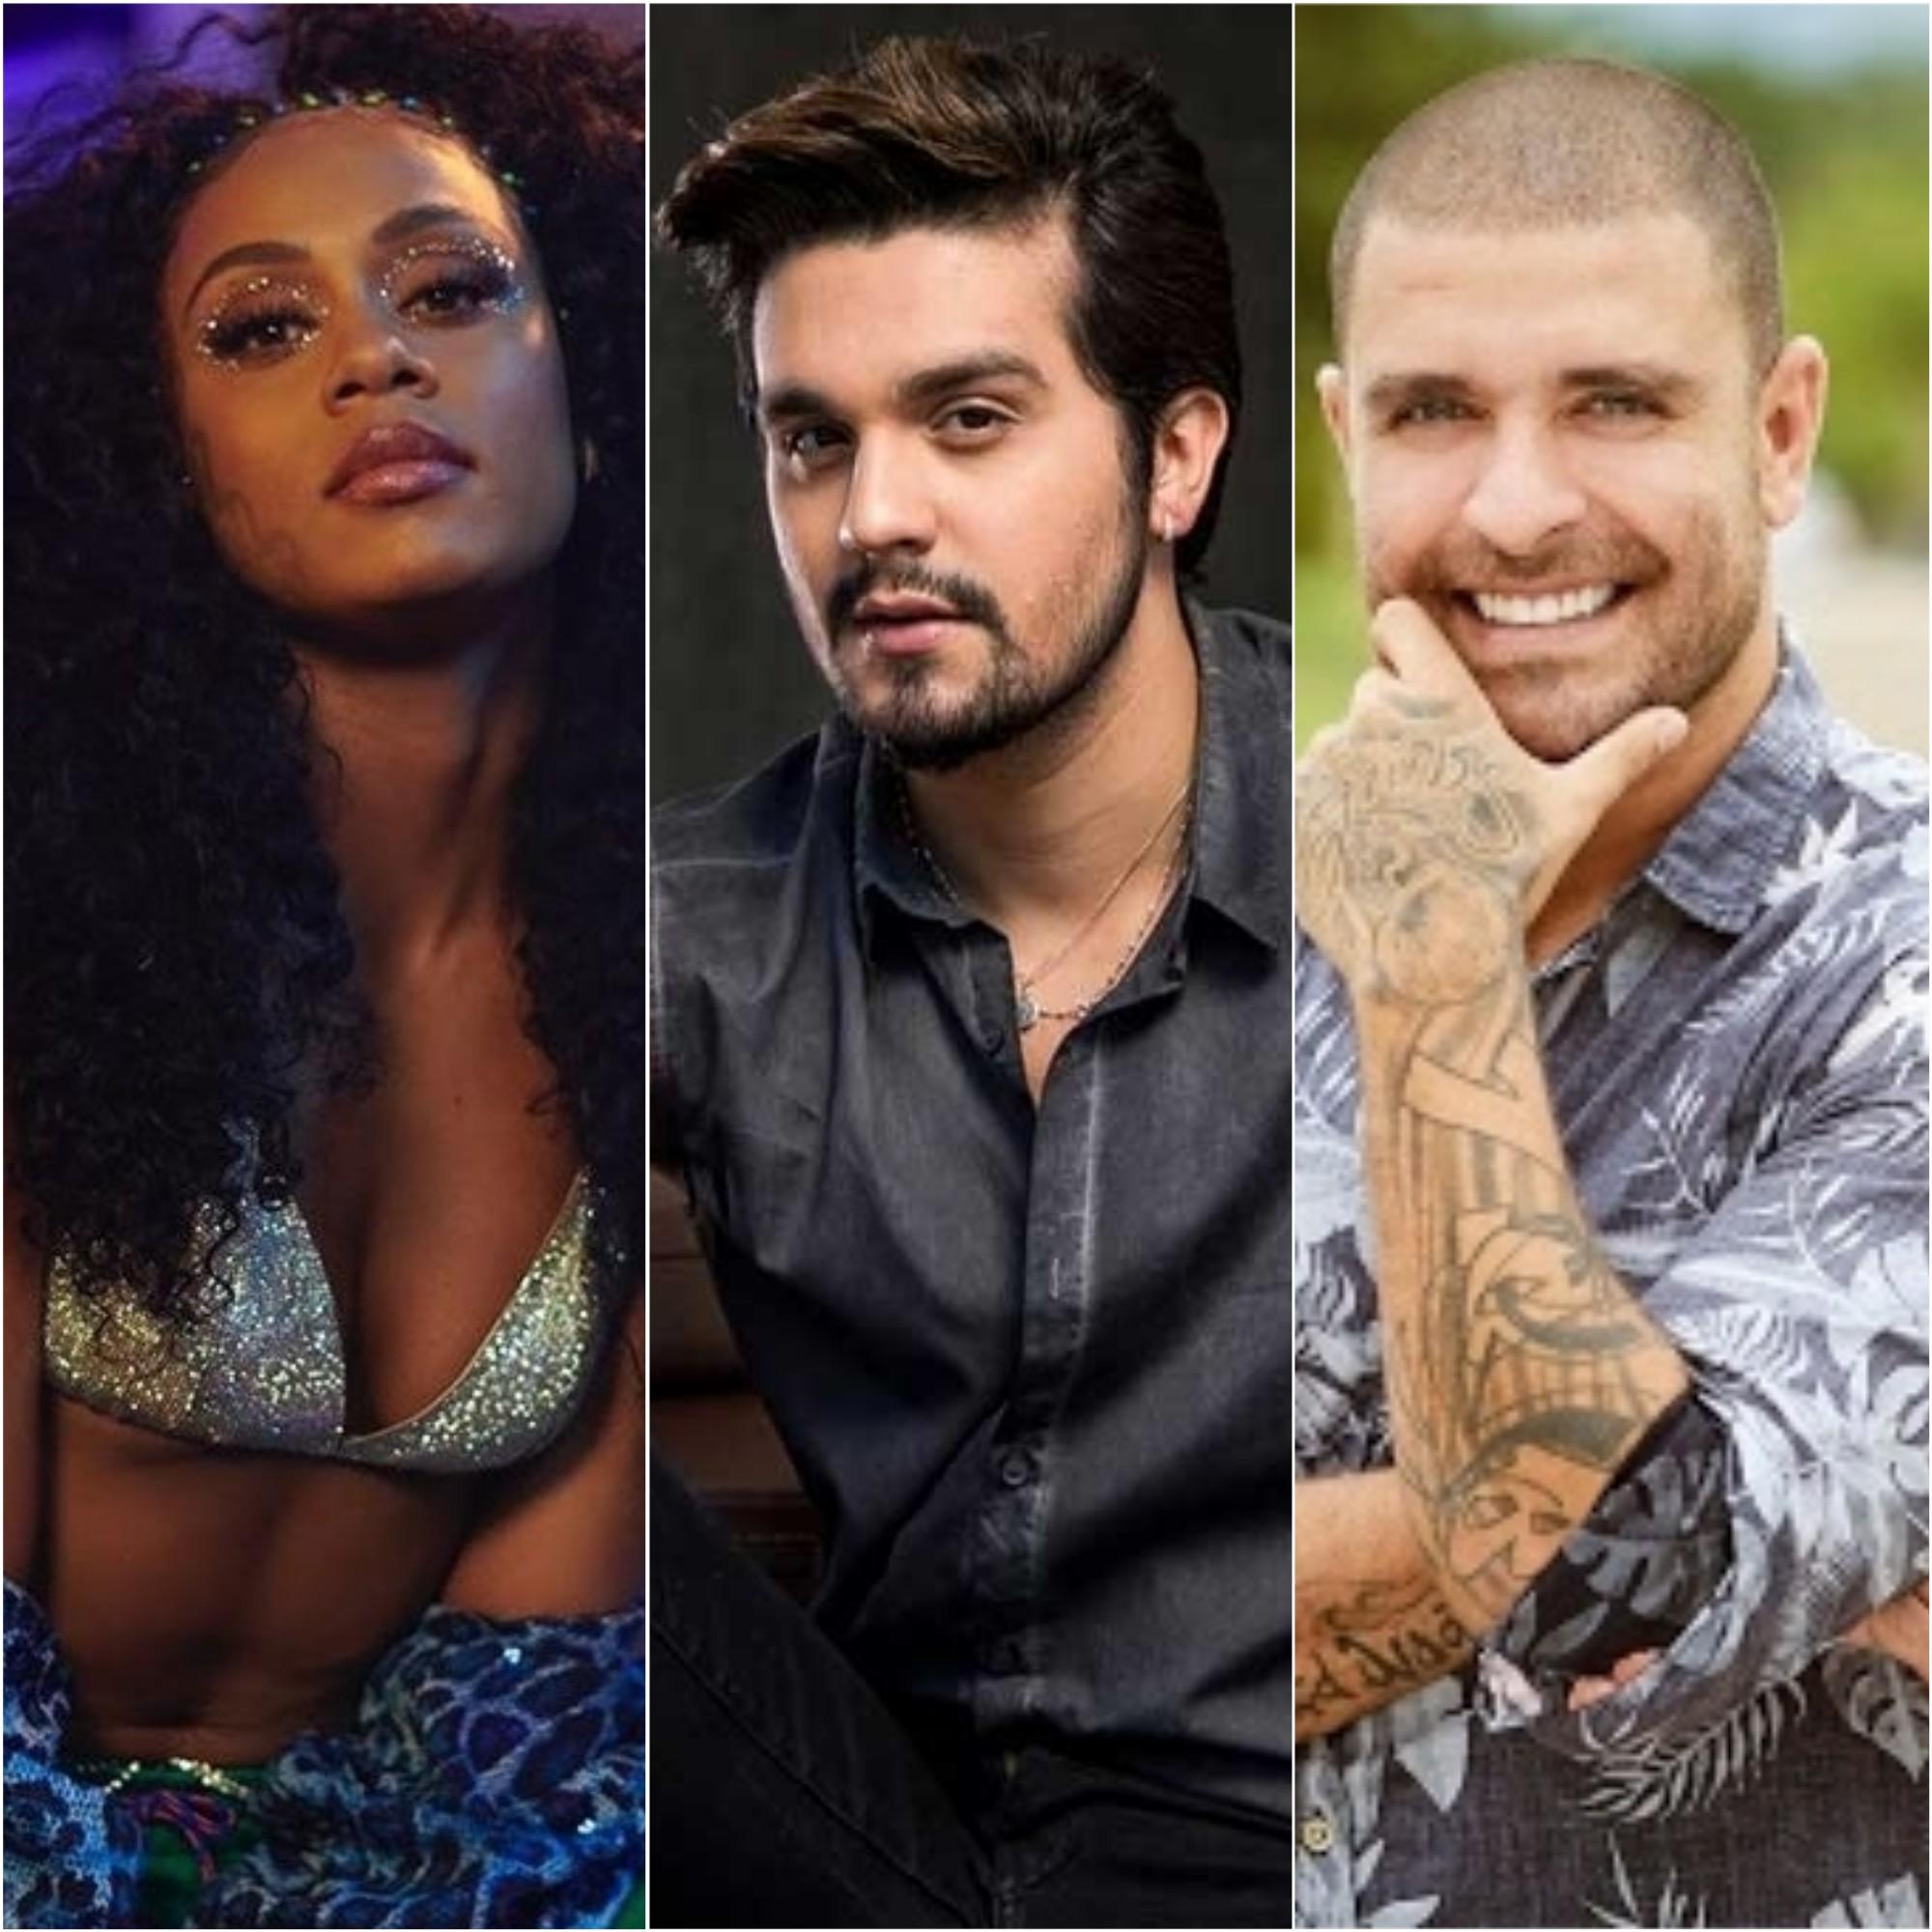 Lives de hoje: Luan Santana, Diogo Nogueira, MC Rebecca e mais shows para ver em casa